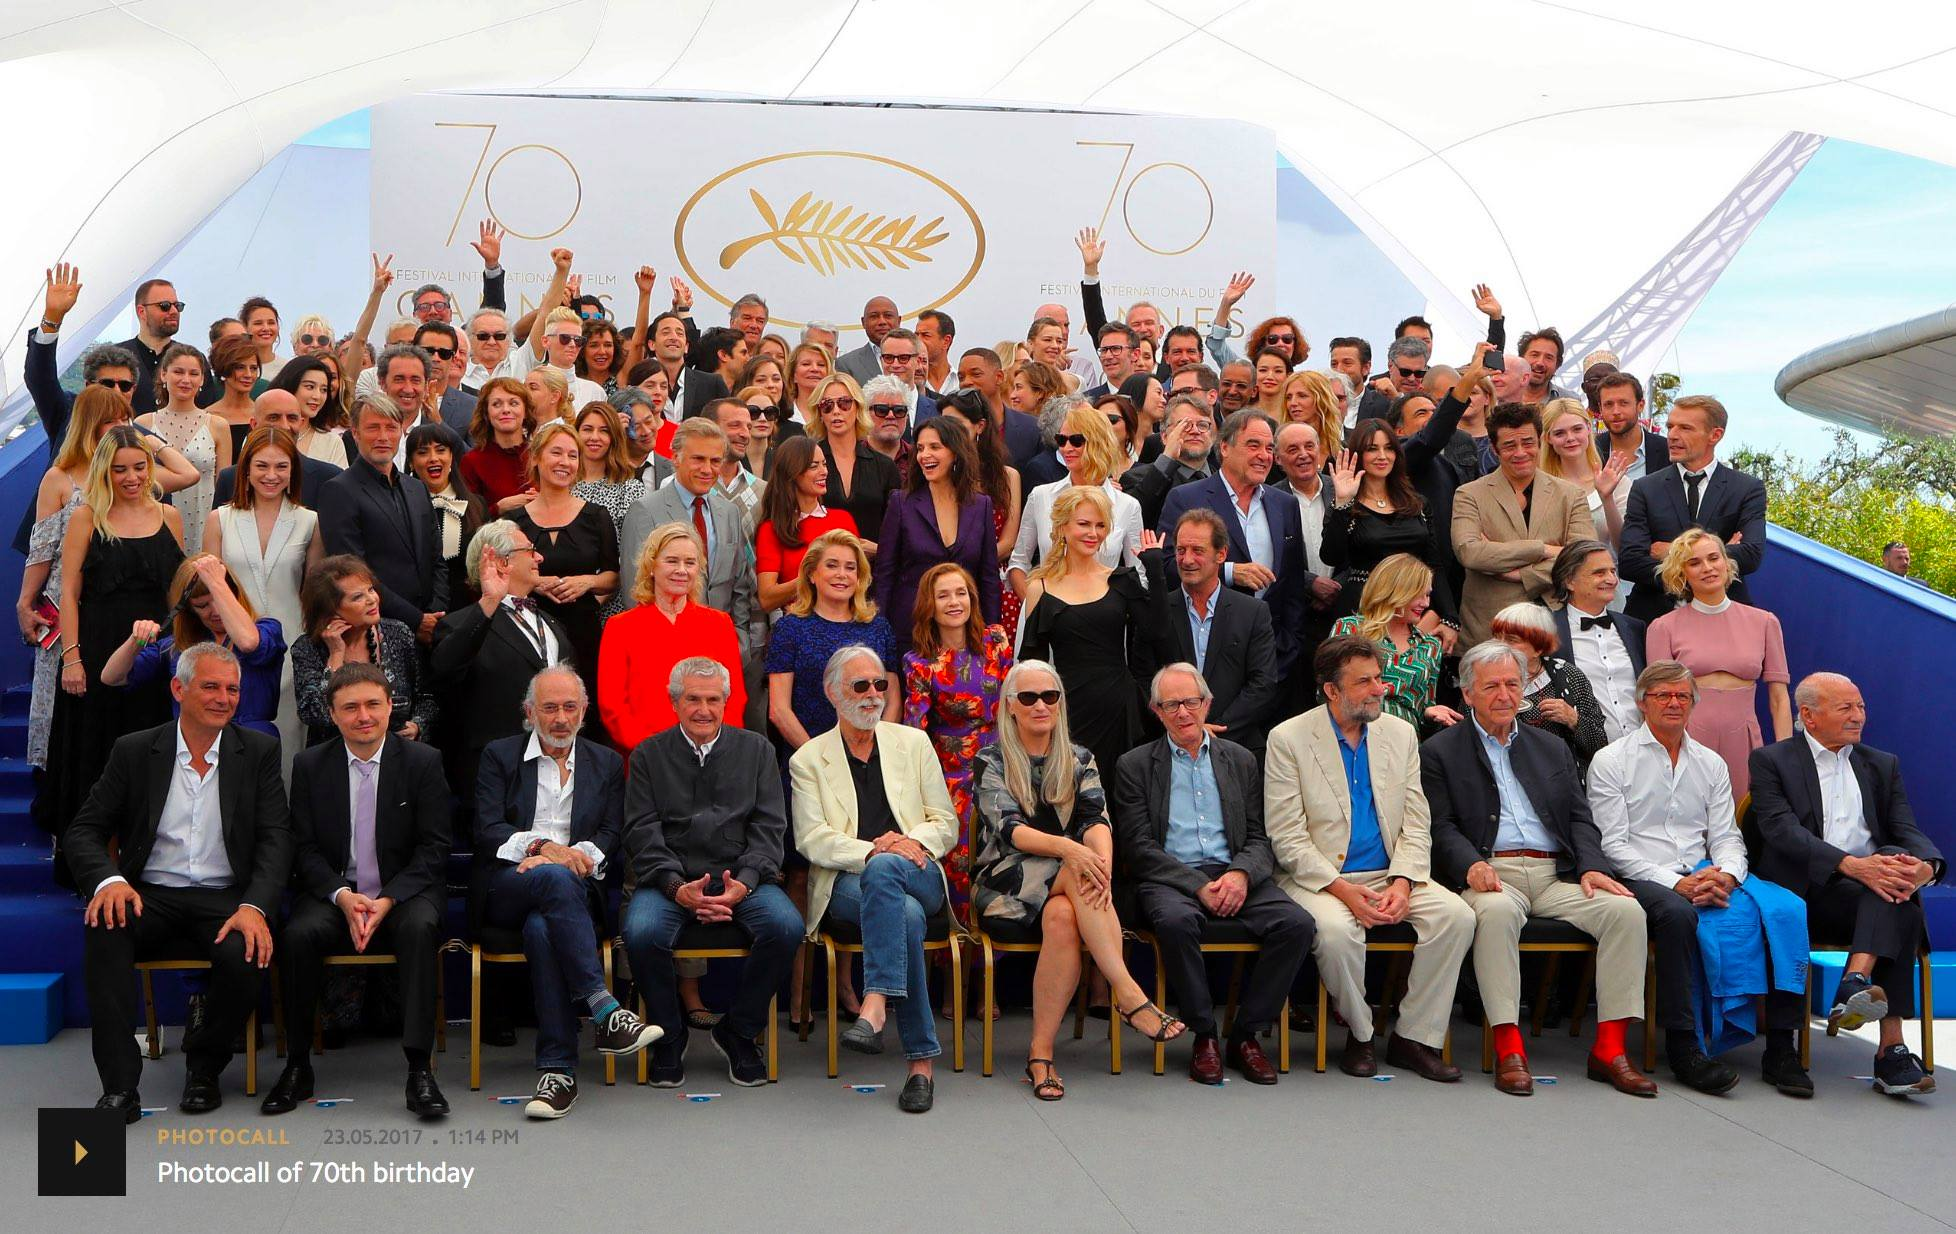 70. Festival Del Cinema di Cannes